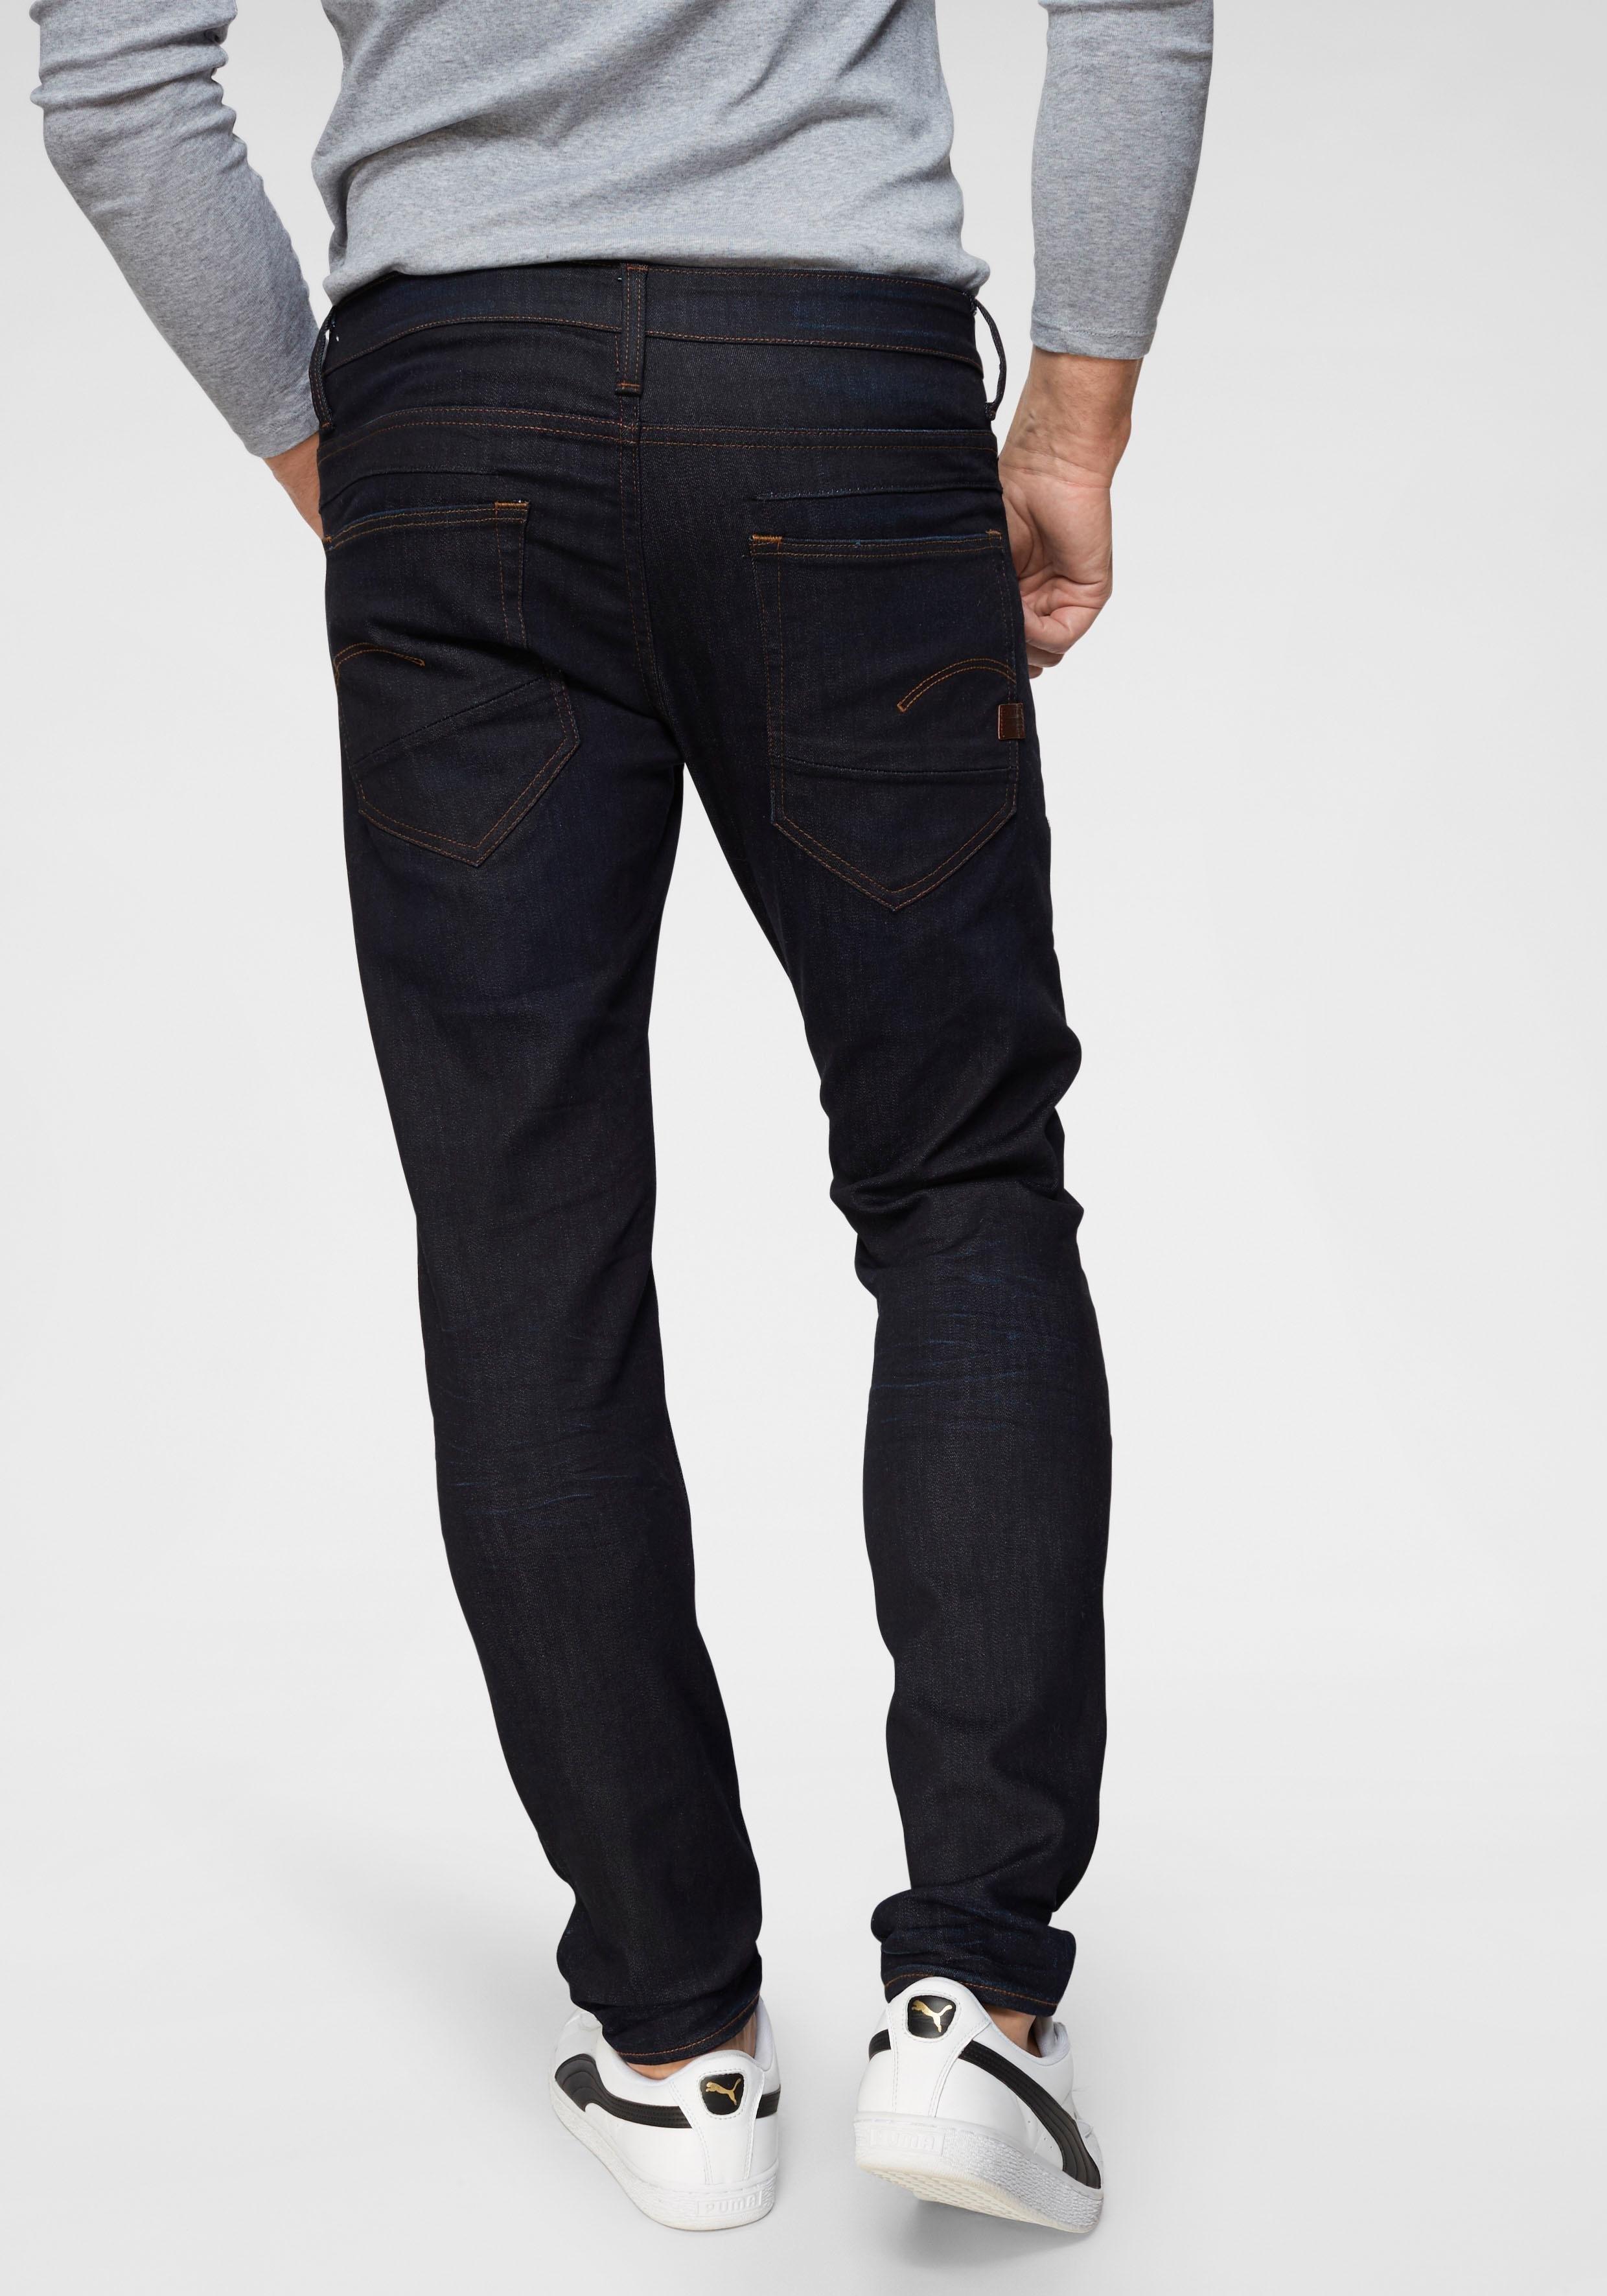 staq Fit jeansd G Fit star 3d Makkelijk Besteld Slim OkiXuTlPZw